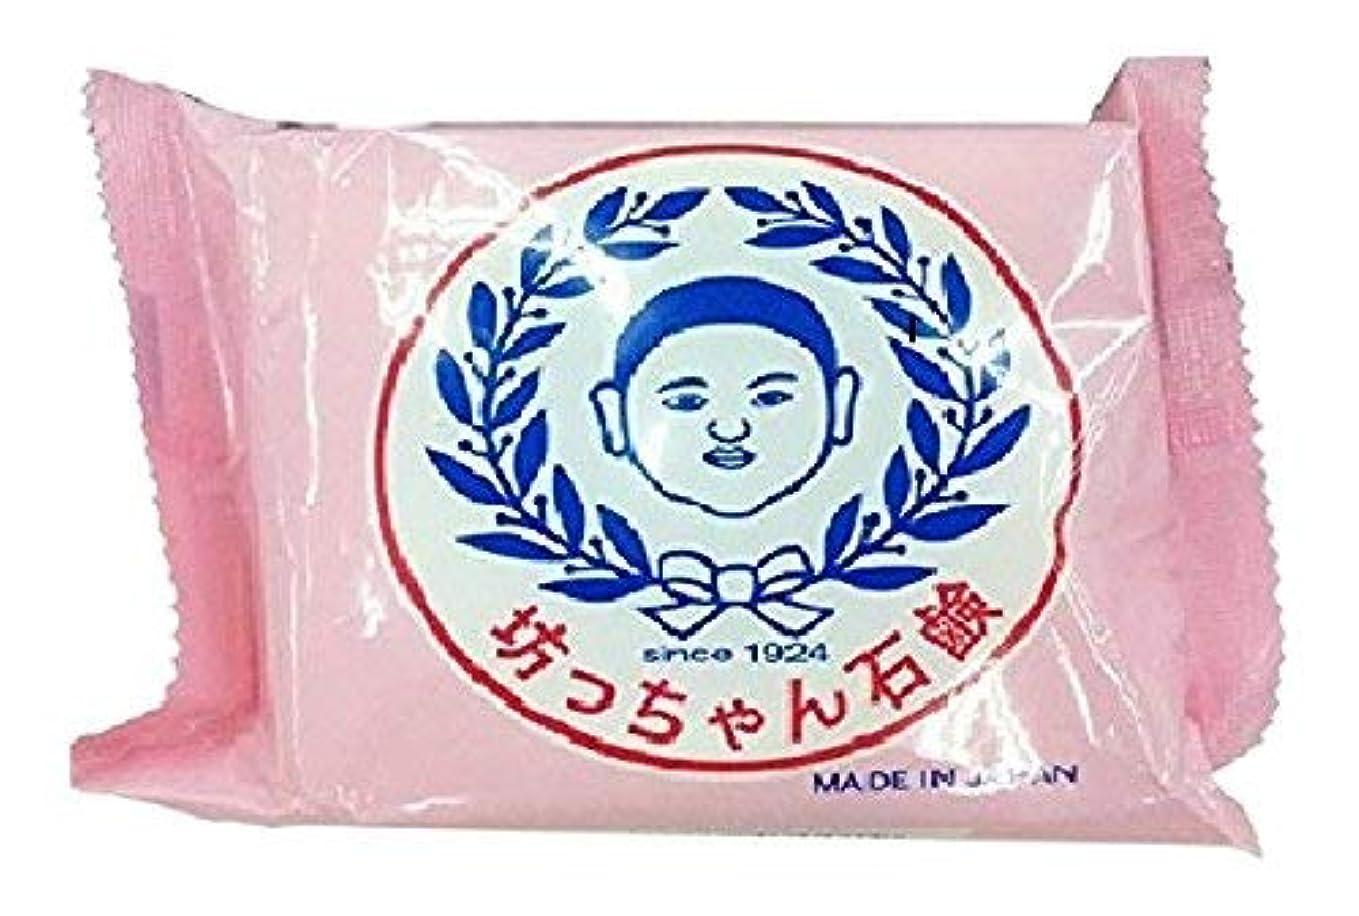 遊具ペチュランストロピカル【まとめ買い】坊っちゃん石鹸 釜出し一番 175g ×2個